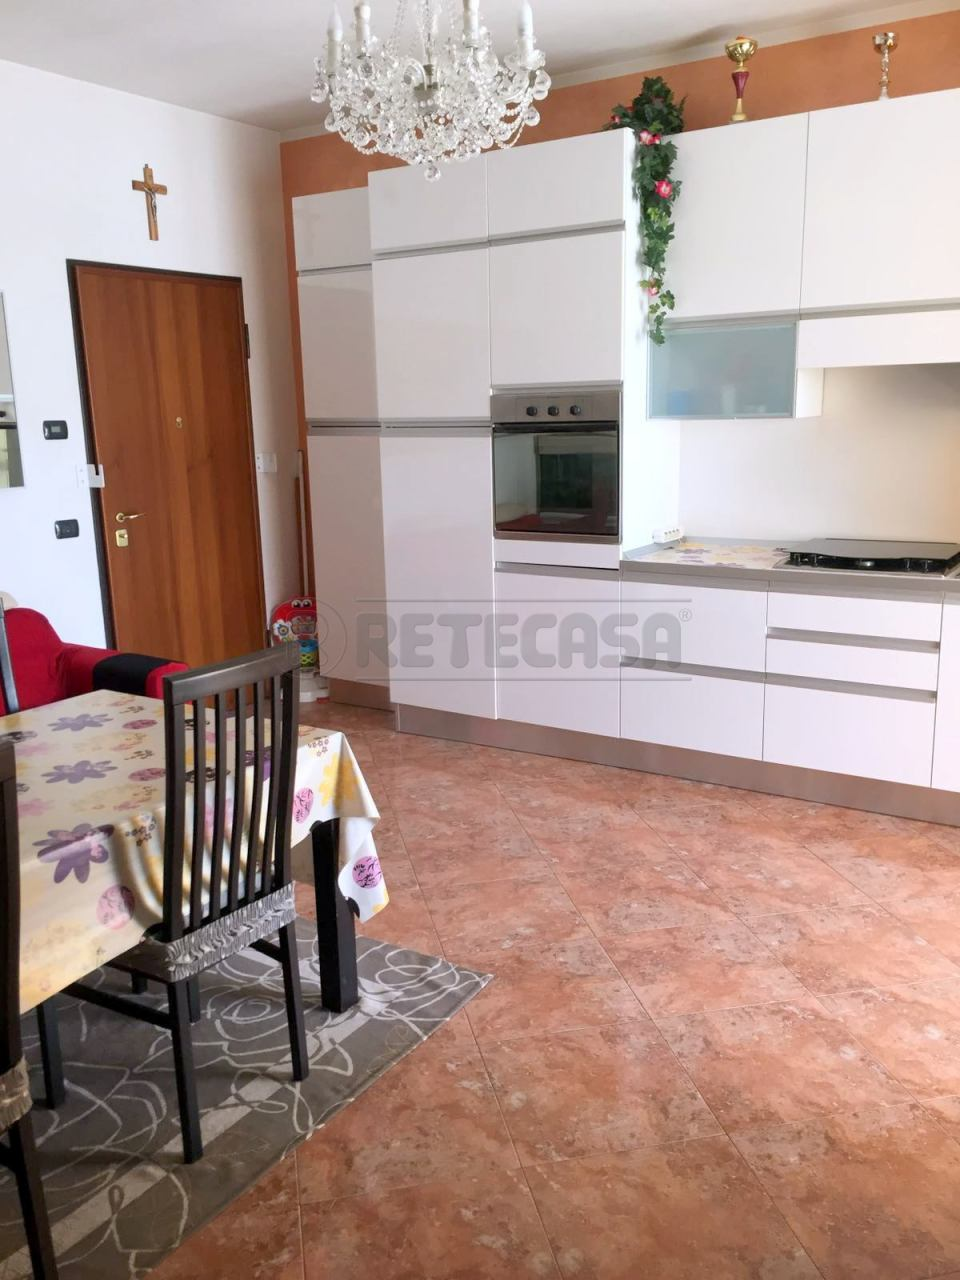 Appartamento in vendita a Castellucchio, 9999 locali, prezzo € 95.000 | Cambio Casa.it